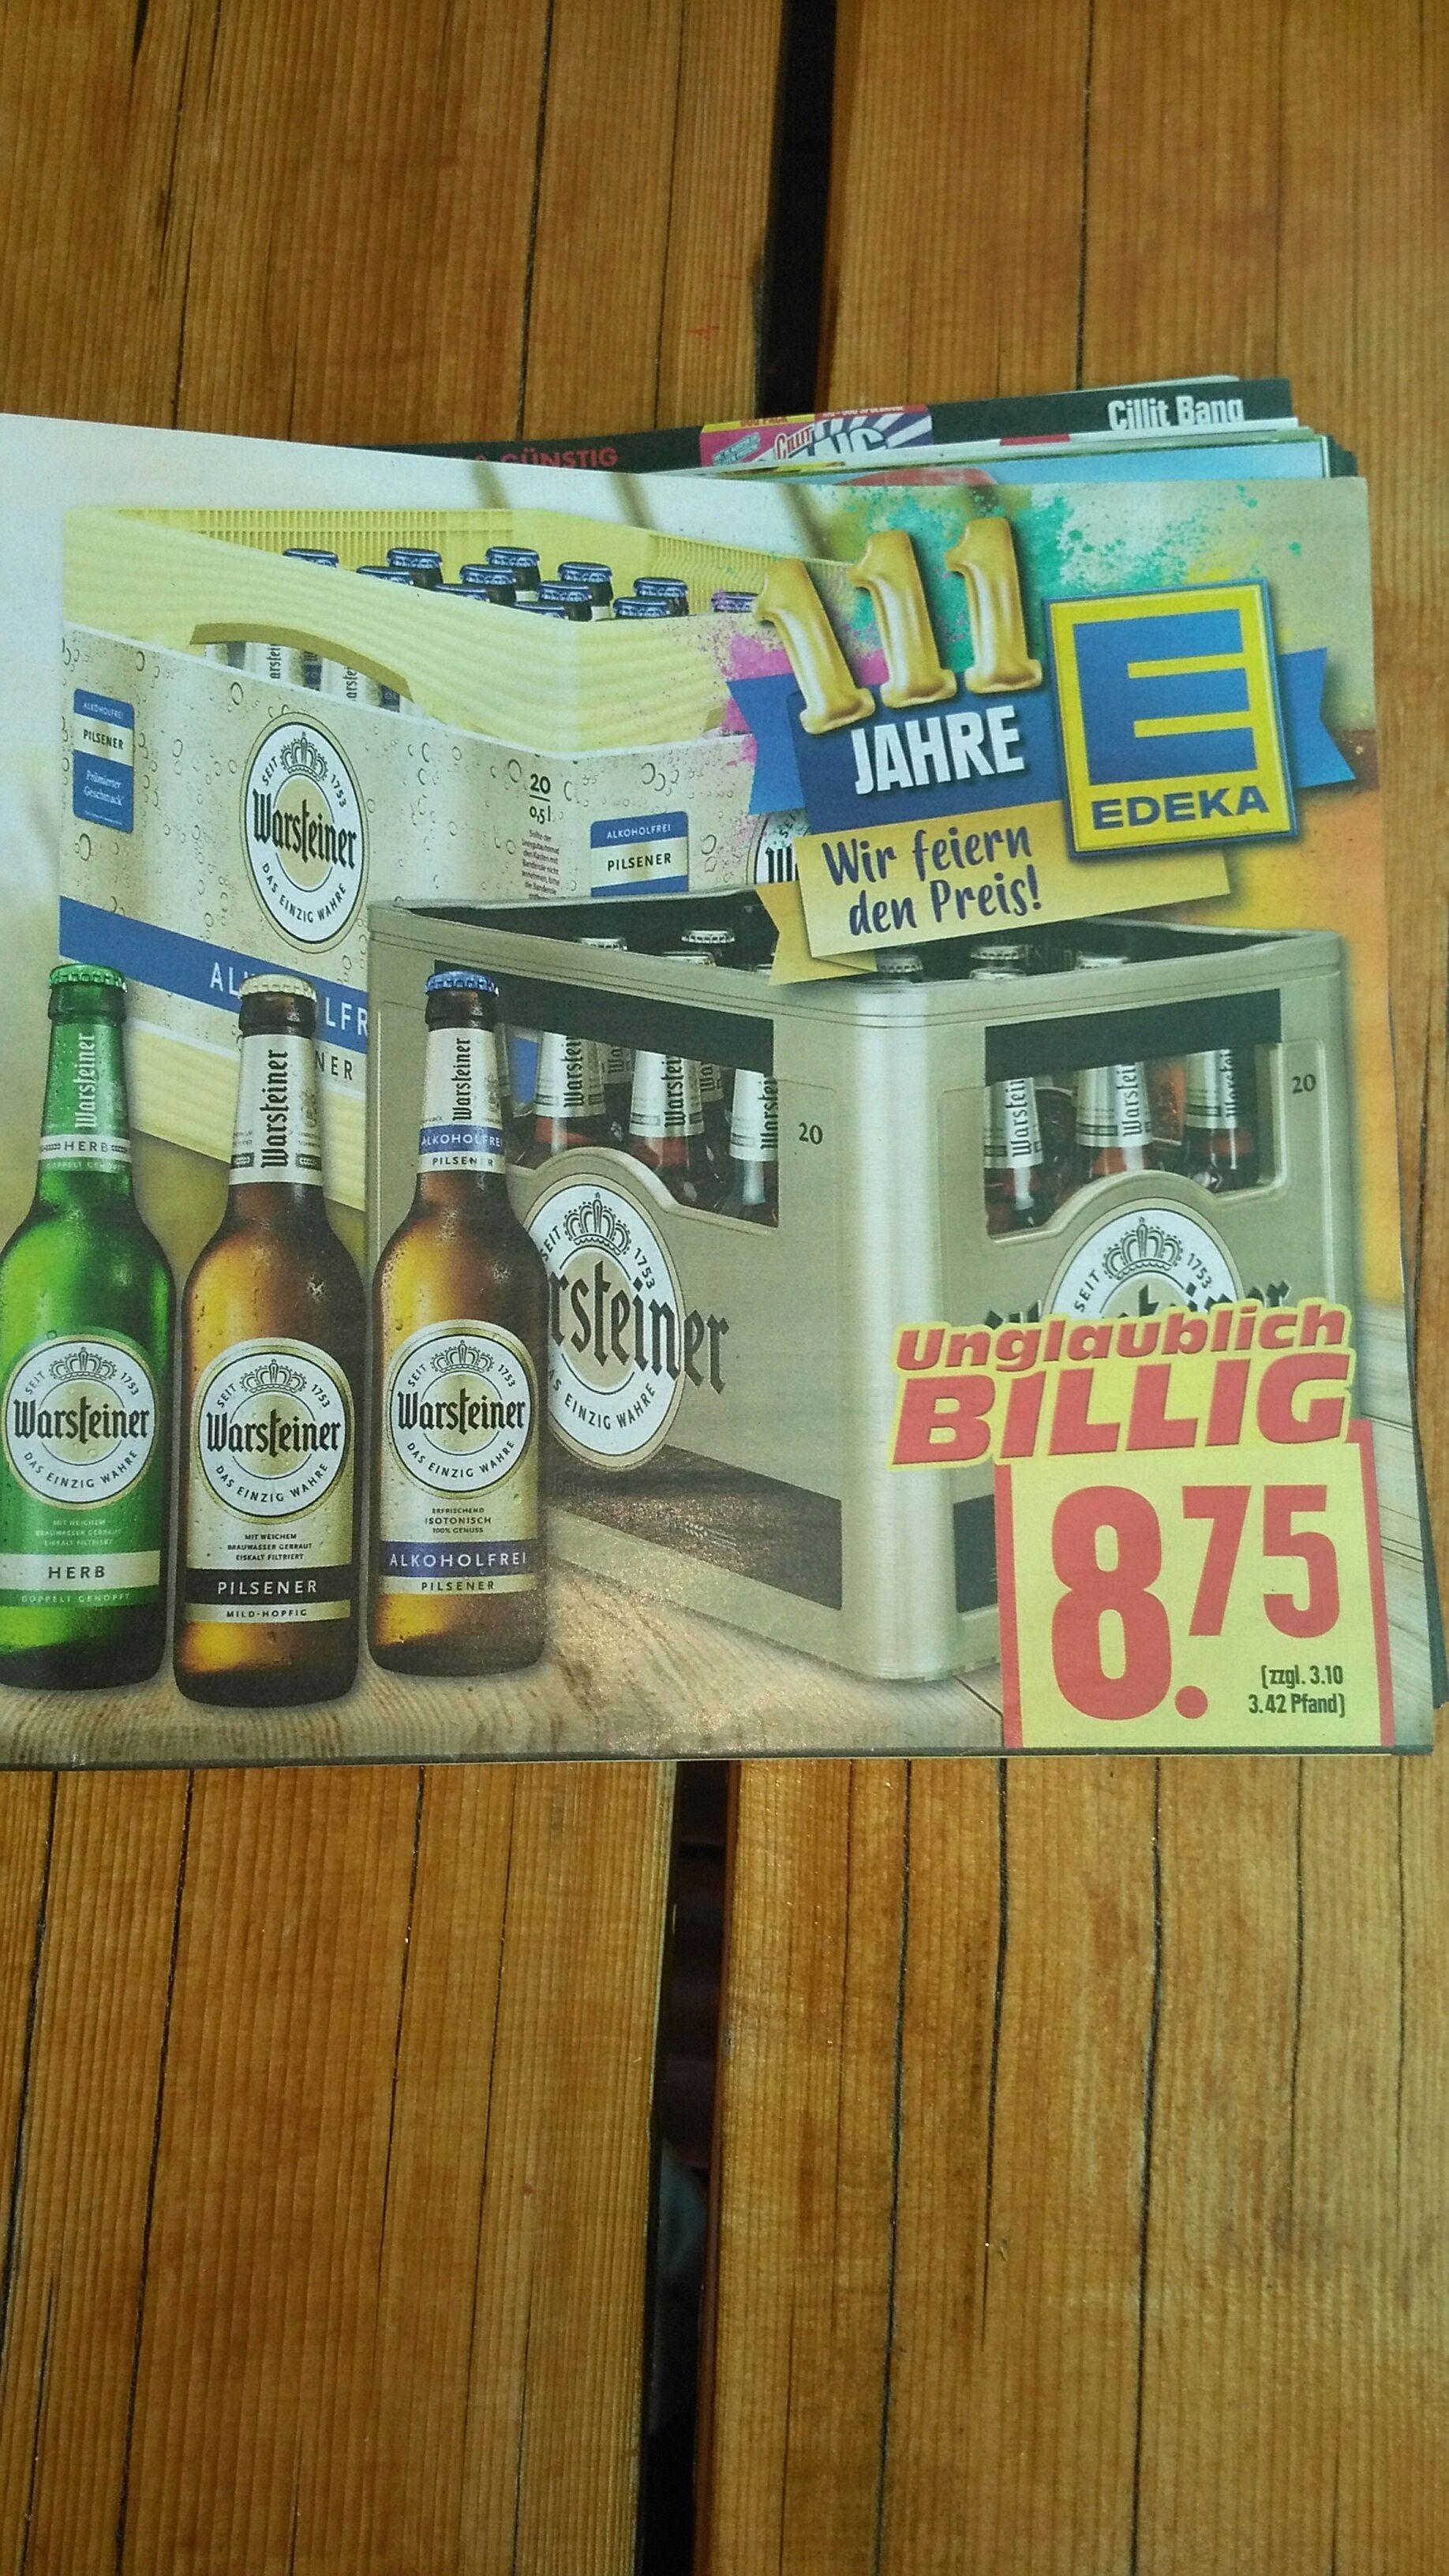 Warsteiner Pilsner, Herb oder Alkoholfrei 20x0,5L lokal evtl regional